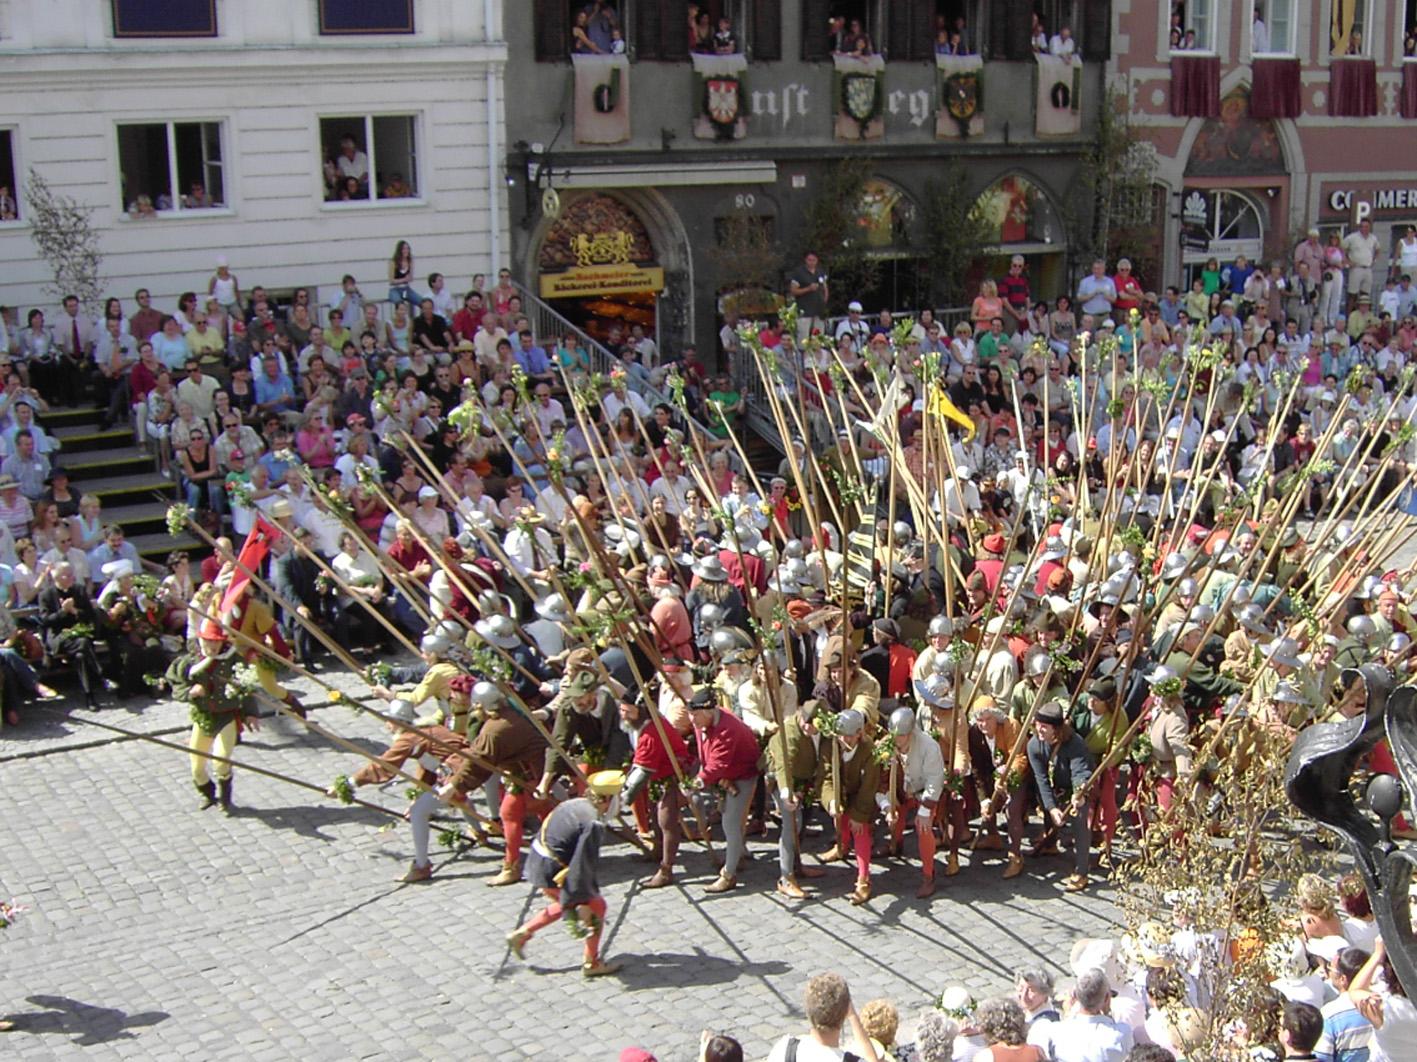 File:Landshuter Hochzeit 12.jpg - Wikipedia